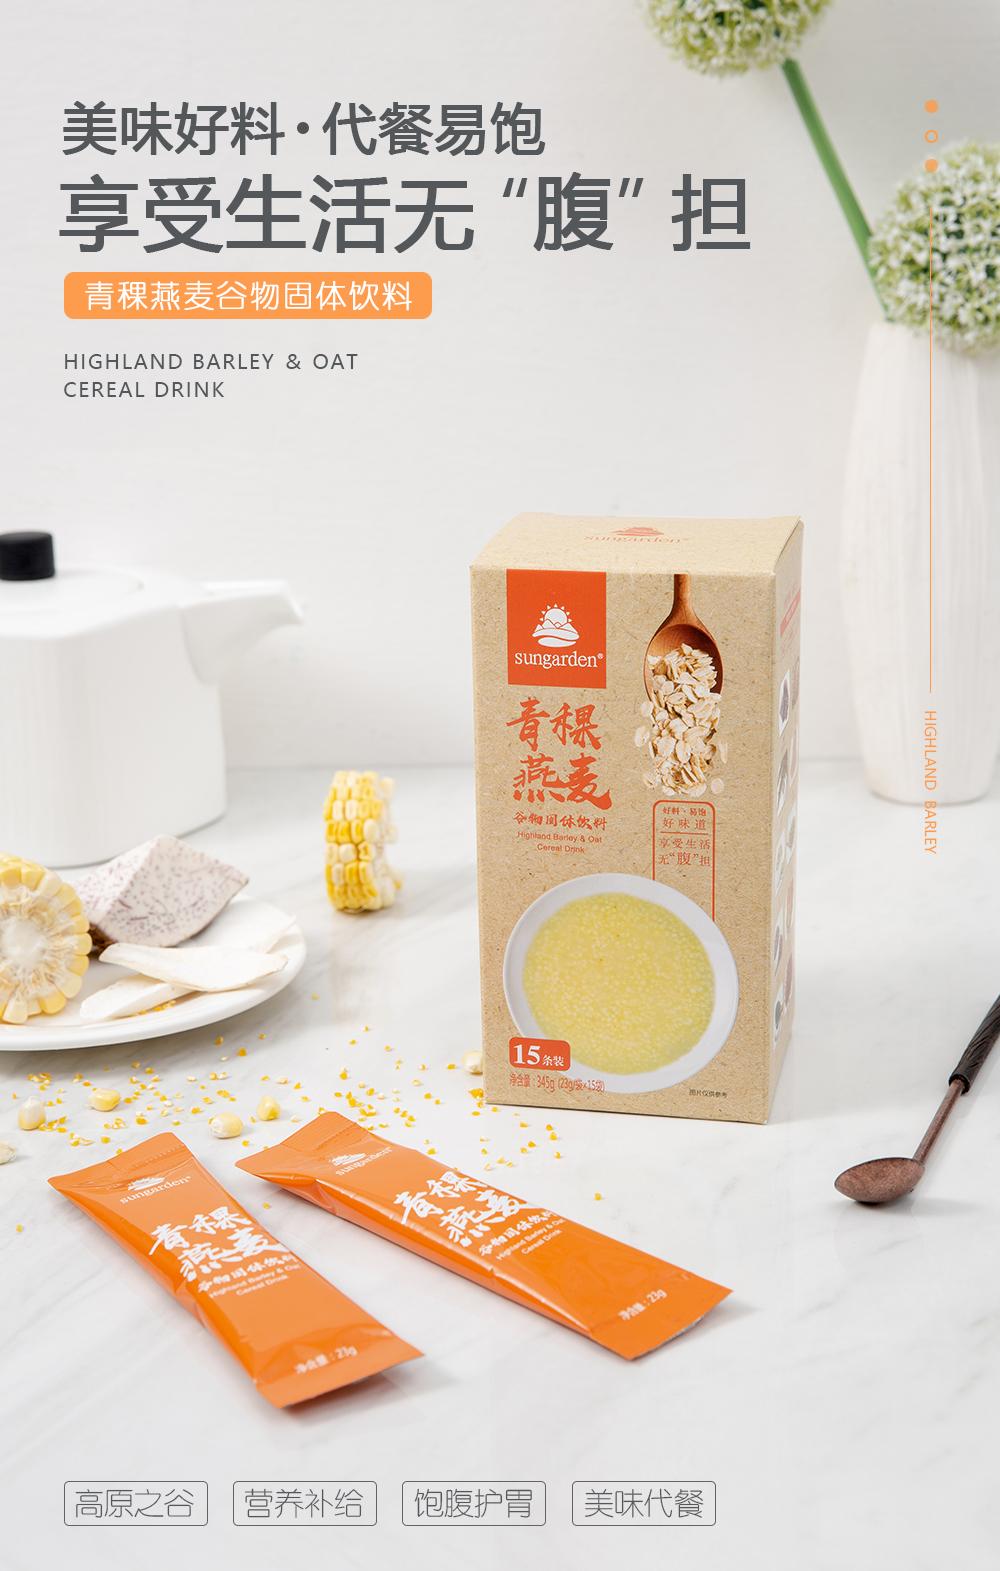 青稞代餐-官网-青稞代餐---官网_01